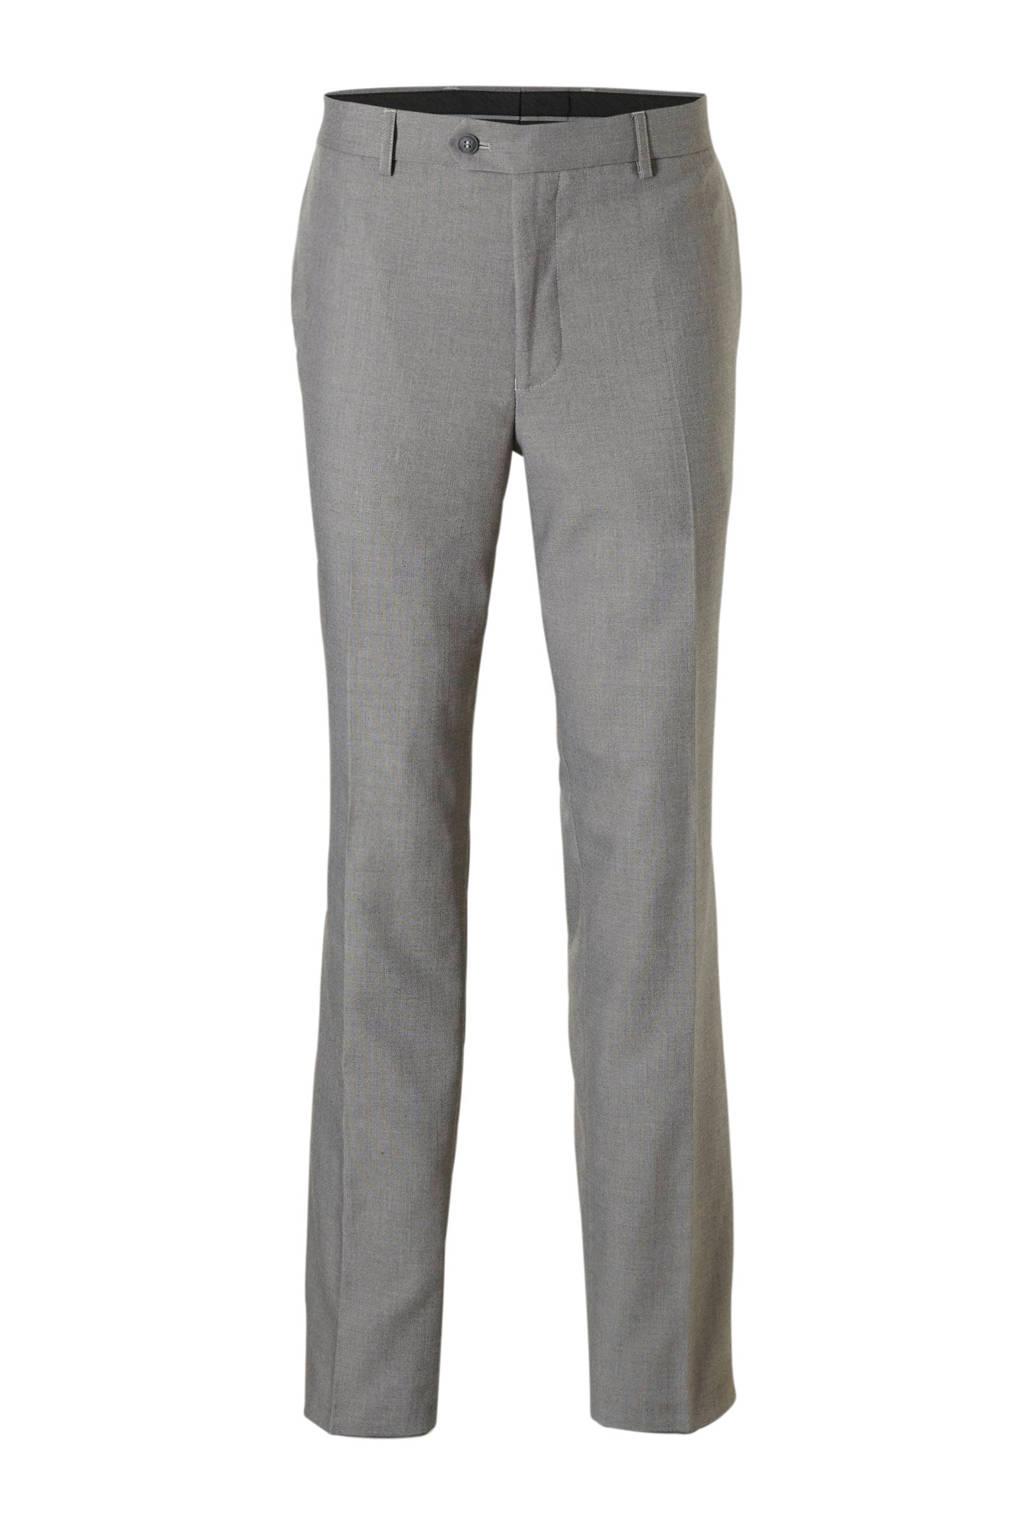 C&A Canda regular fit pantalon grijs, Grijs